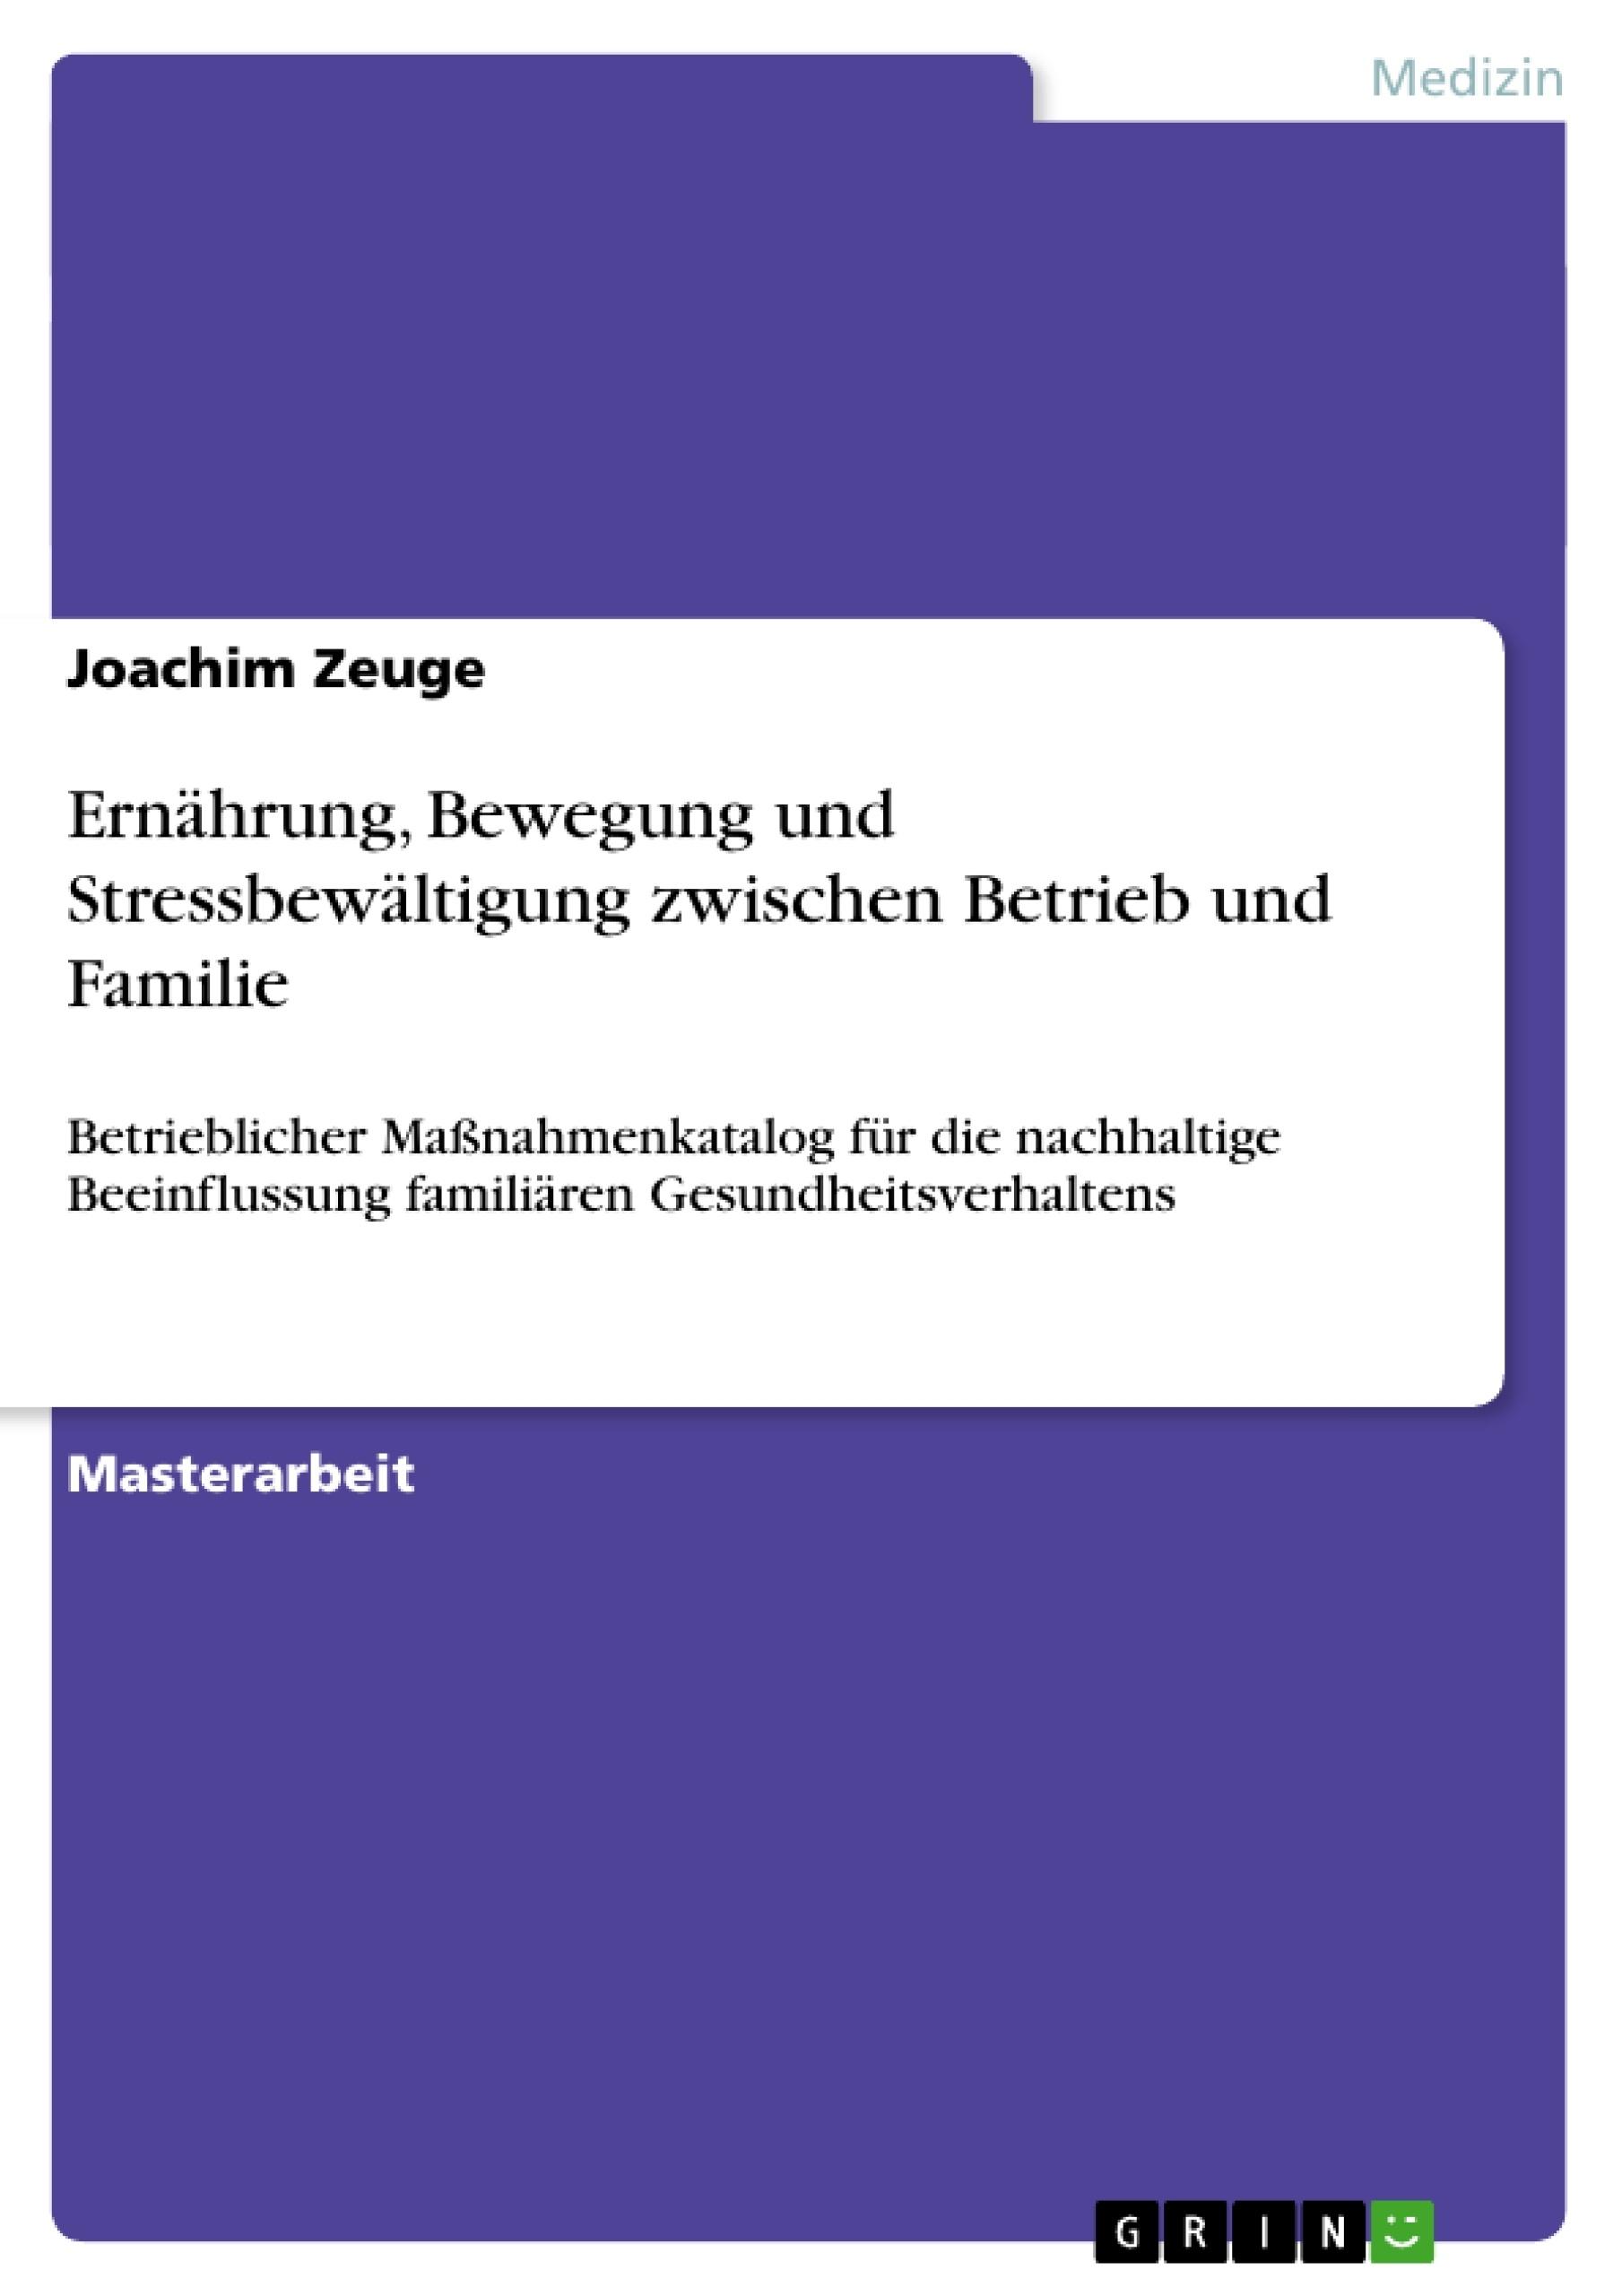 Titel: Ernährung, Bewegung und Stressbewältigung zwischen Betrieb und Familie